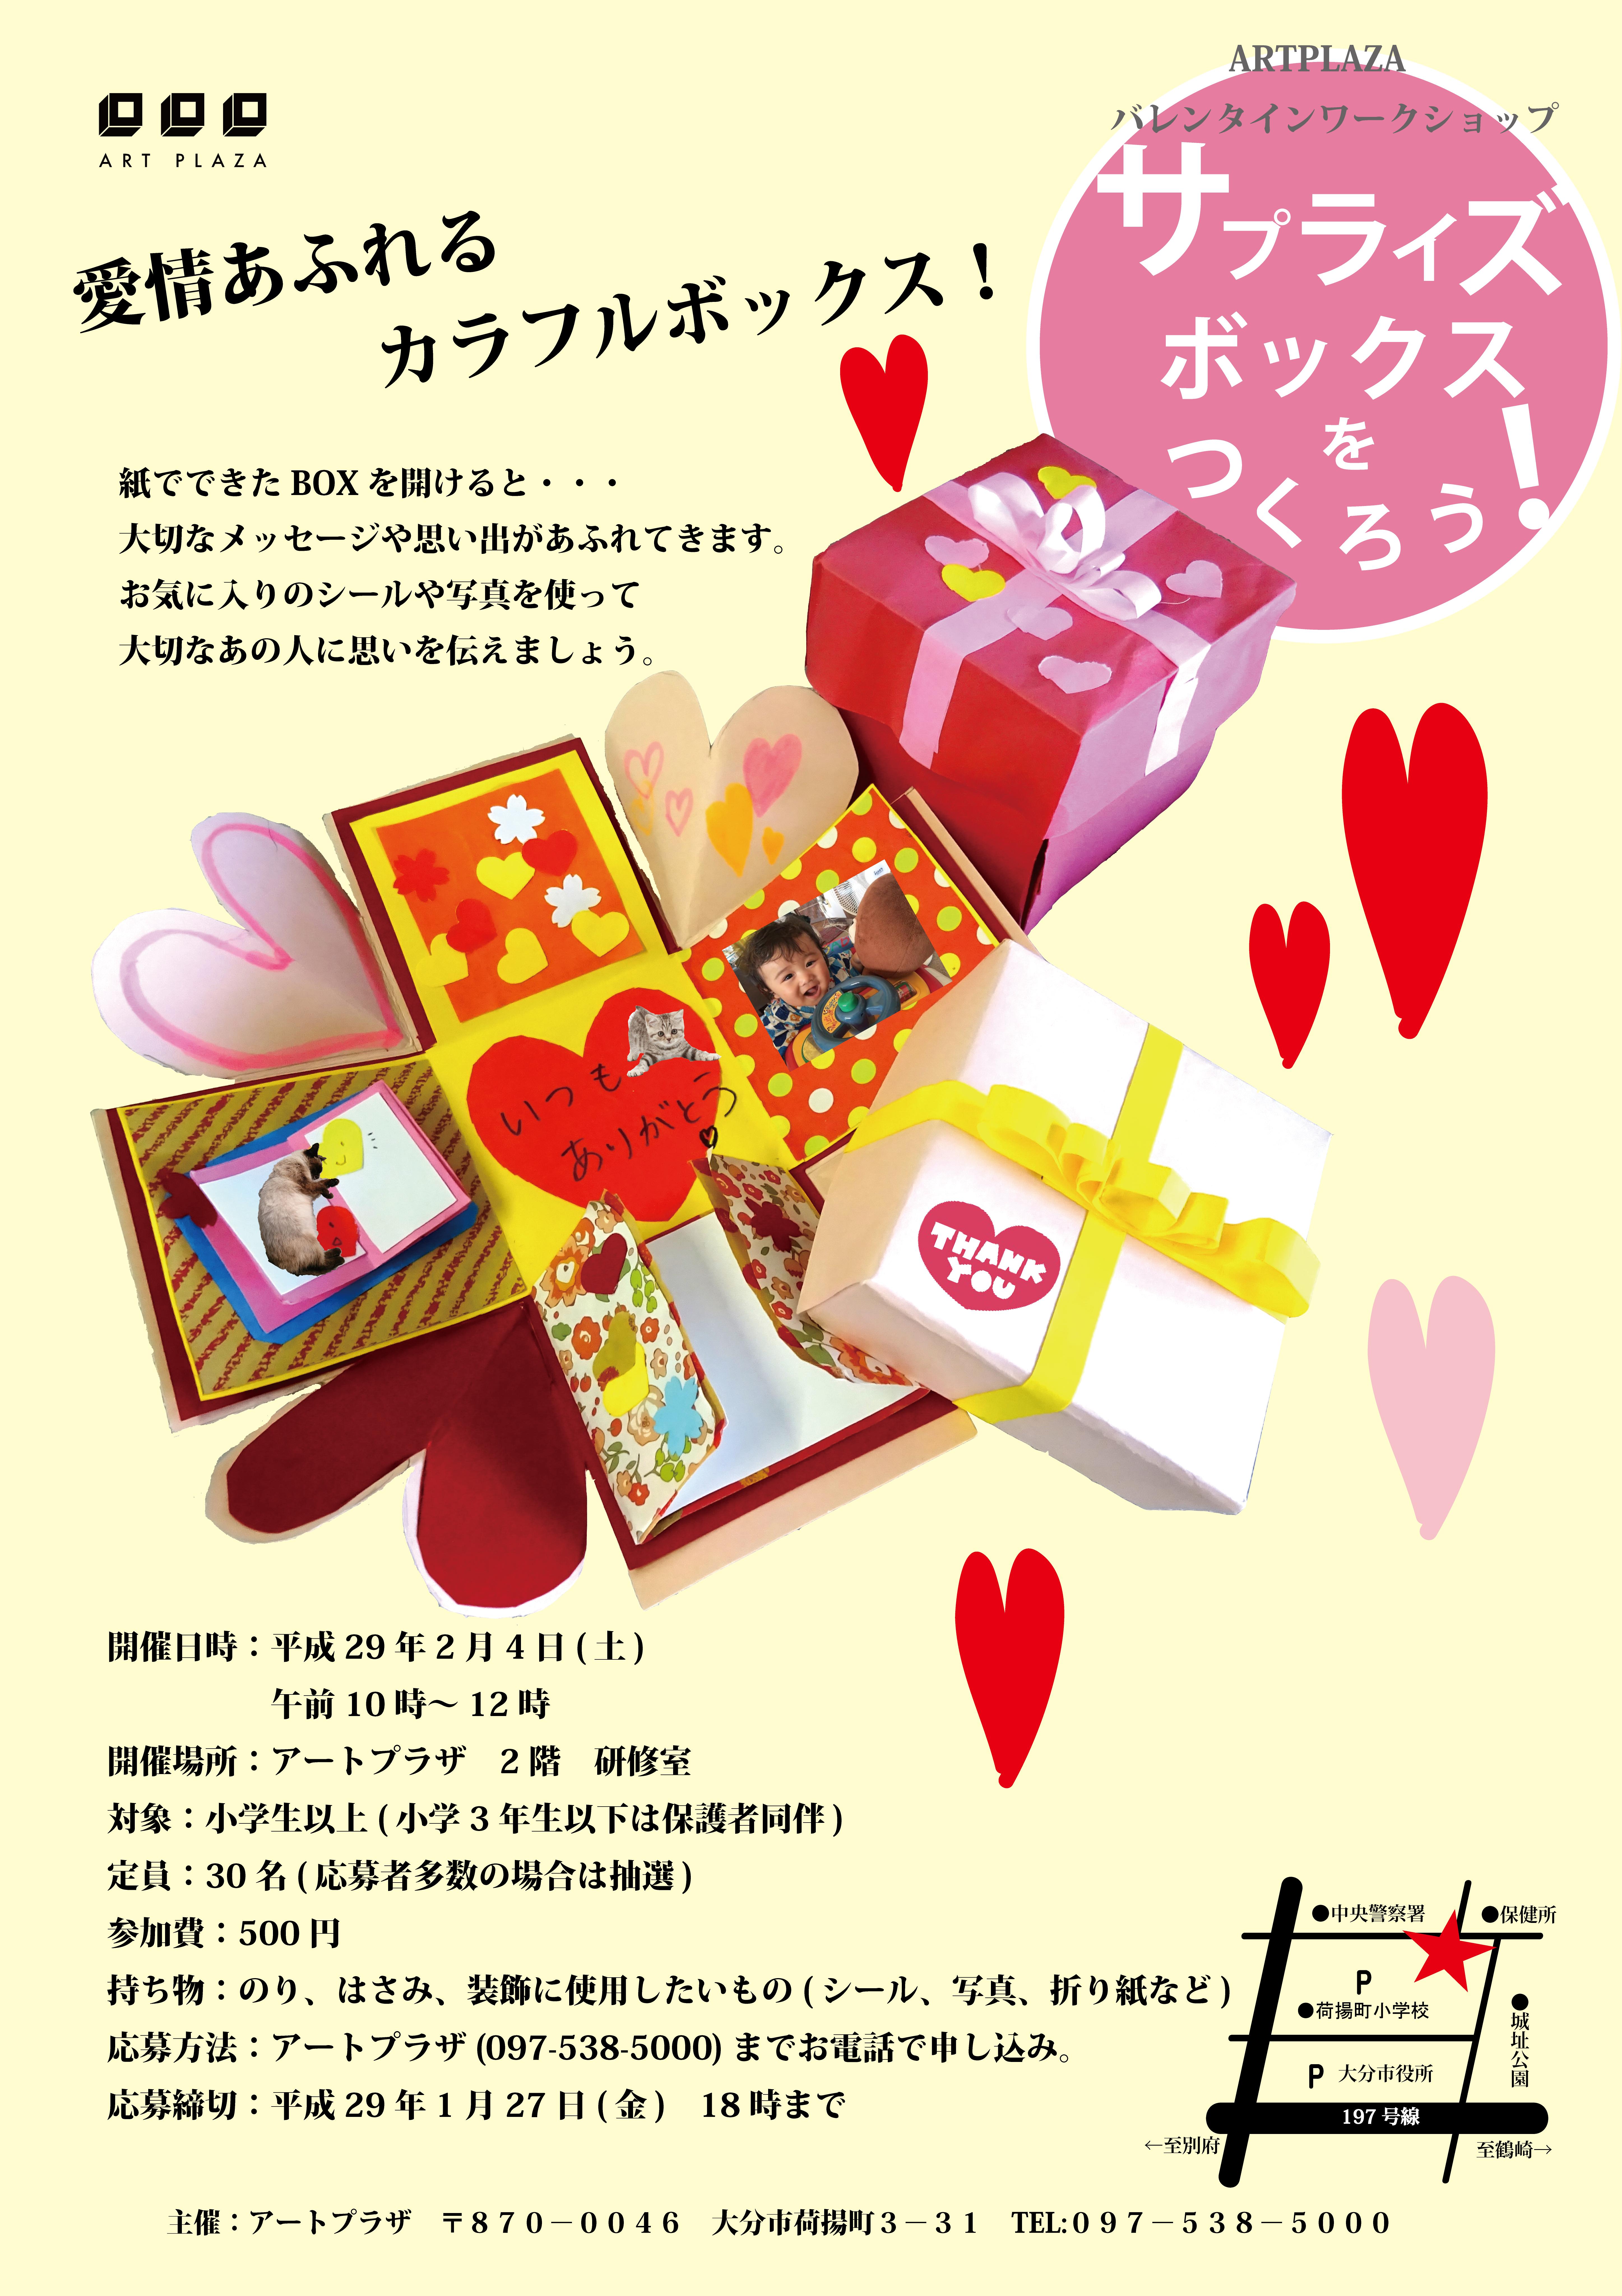 バレンタインワークショップ「サプライズボックスをつくろう!」